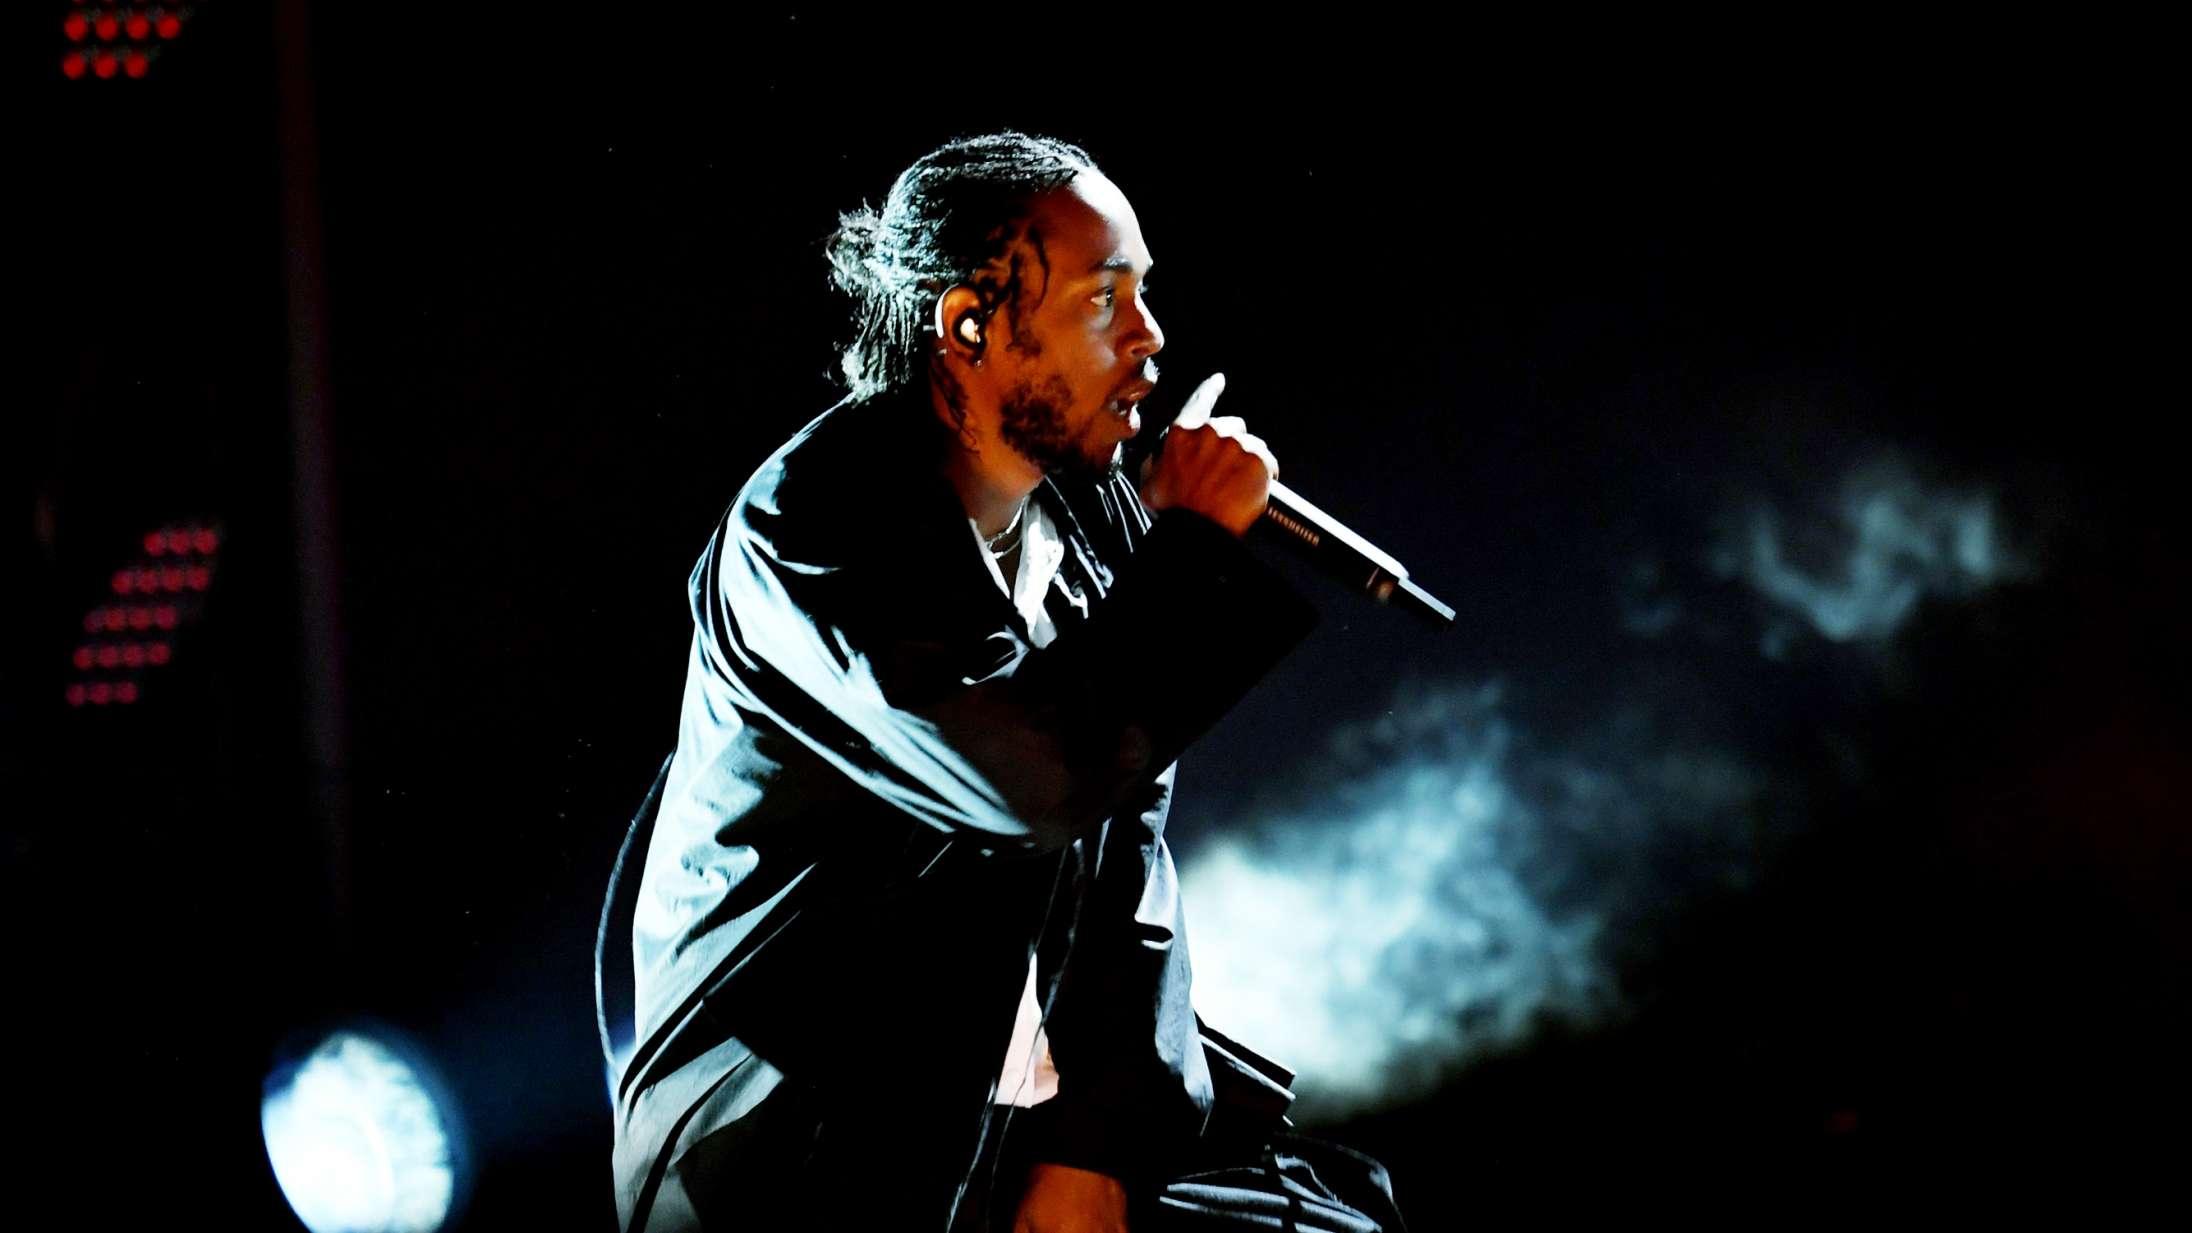 TDE-direktør maner til tålmodighed: »King Kendrick vender snart tilbage«